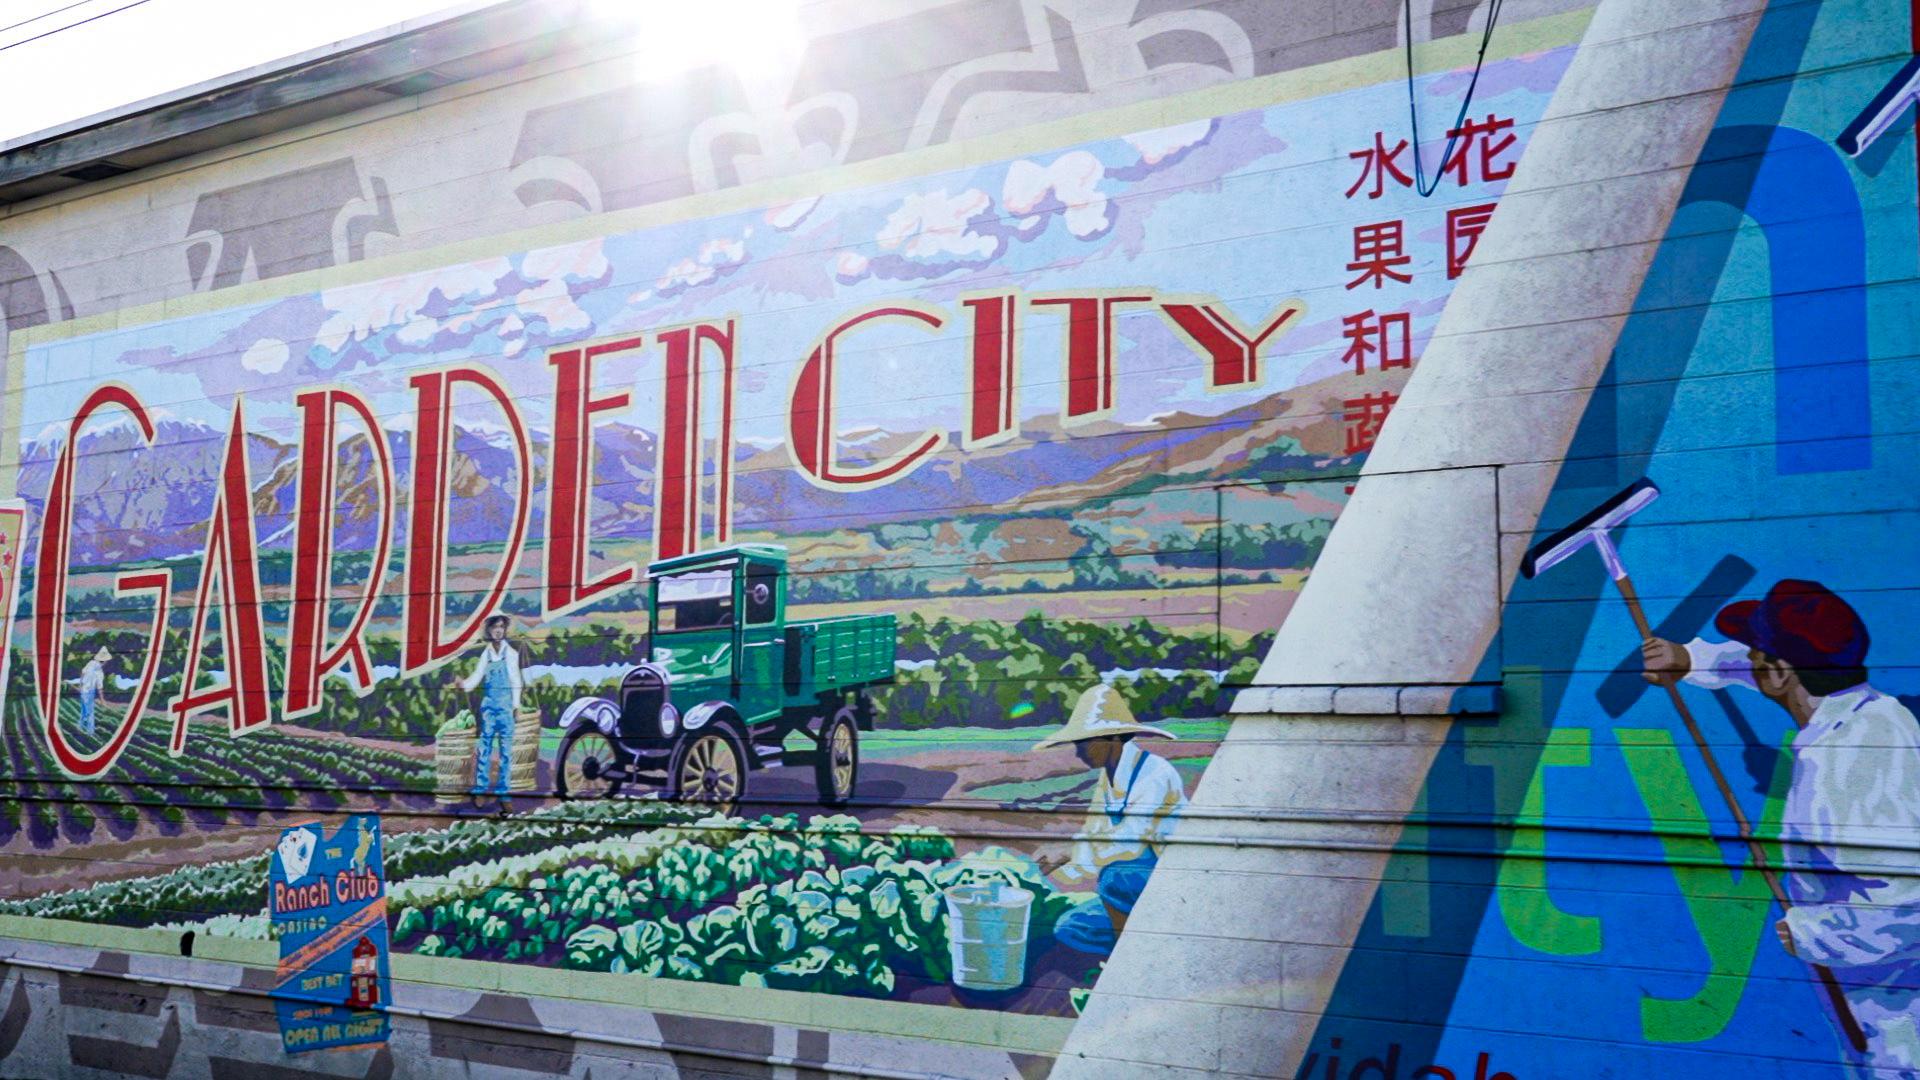 Move to Garden City